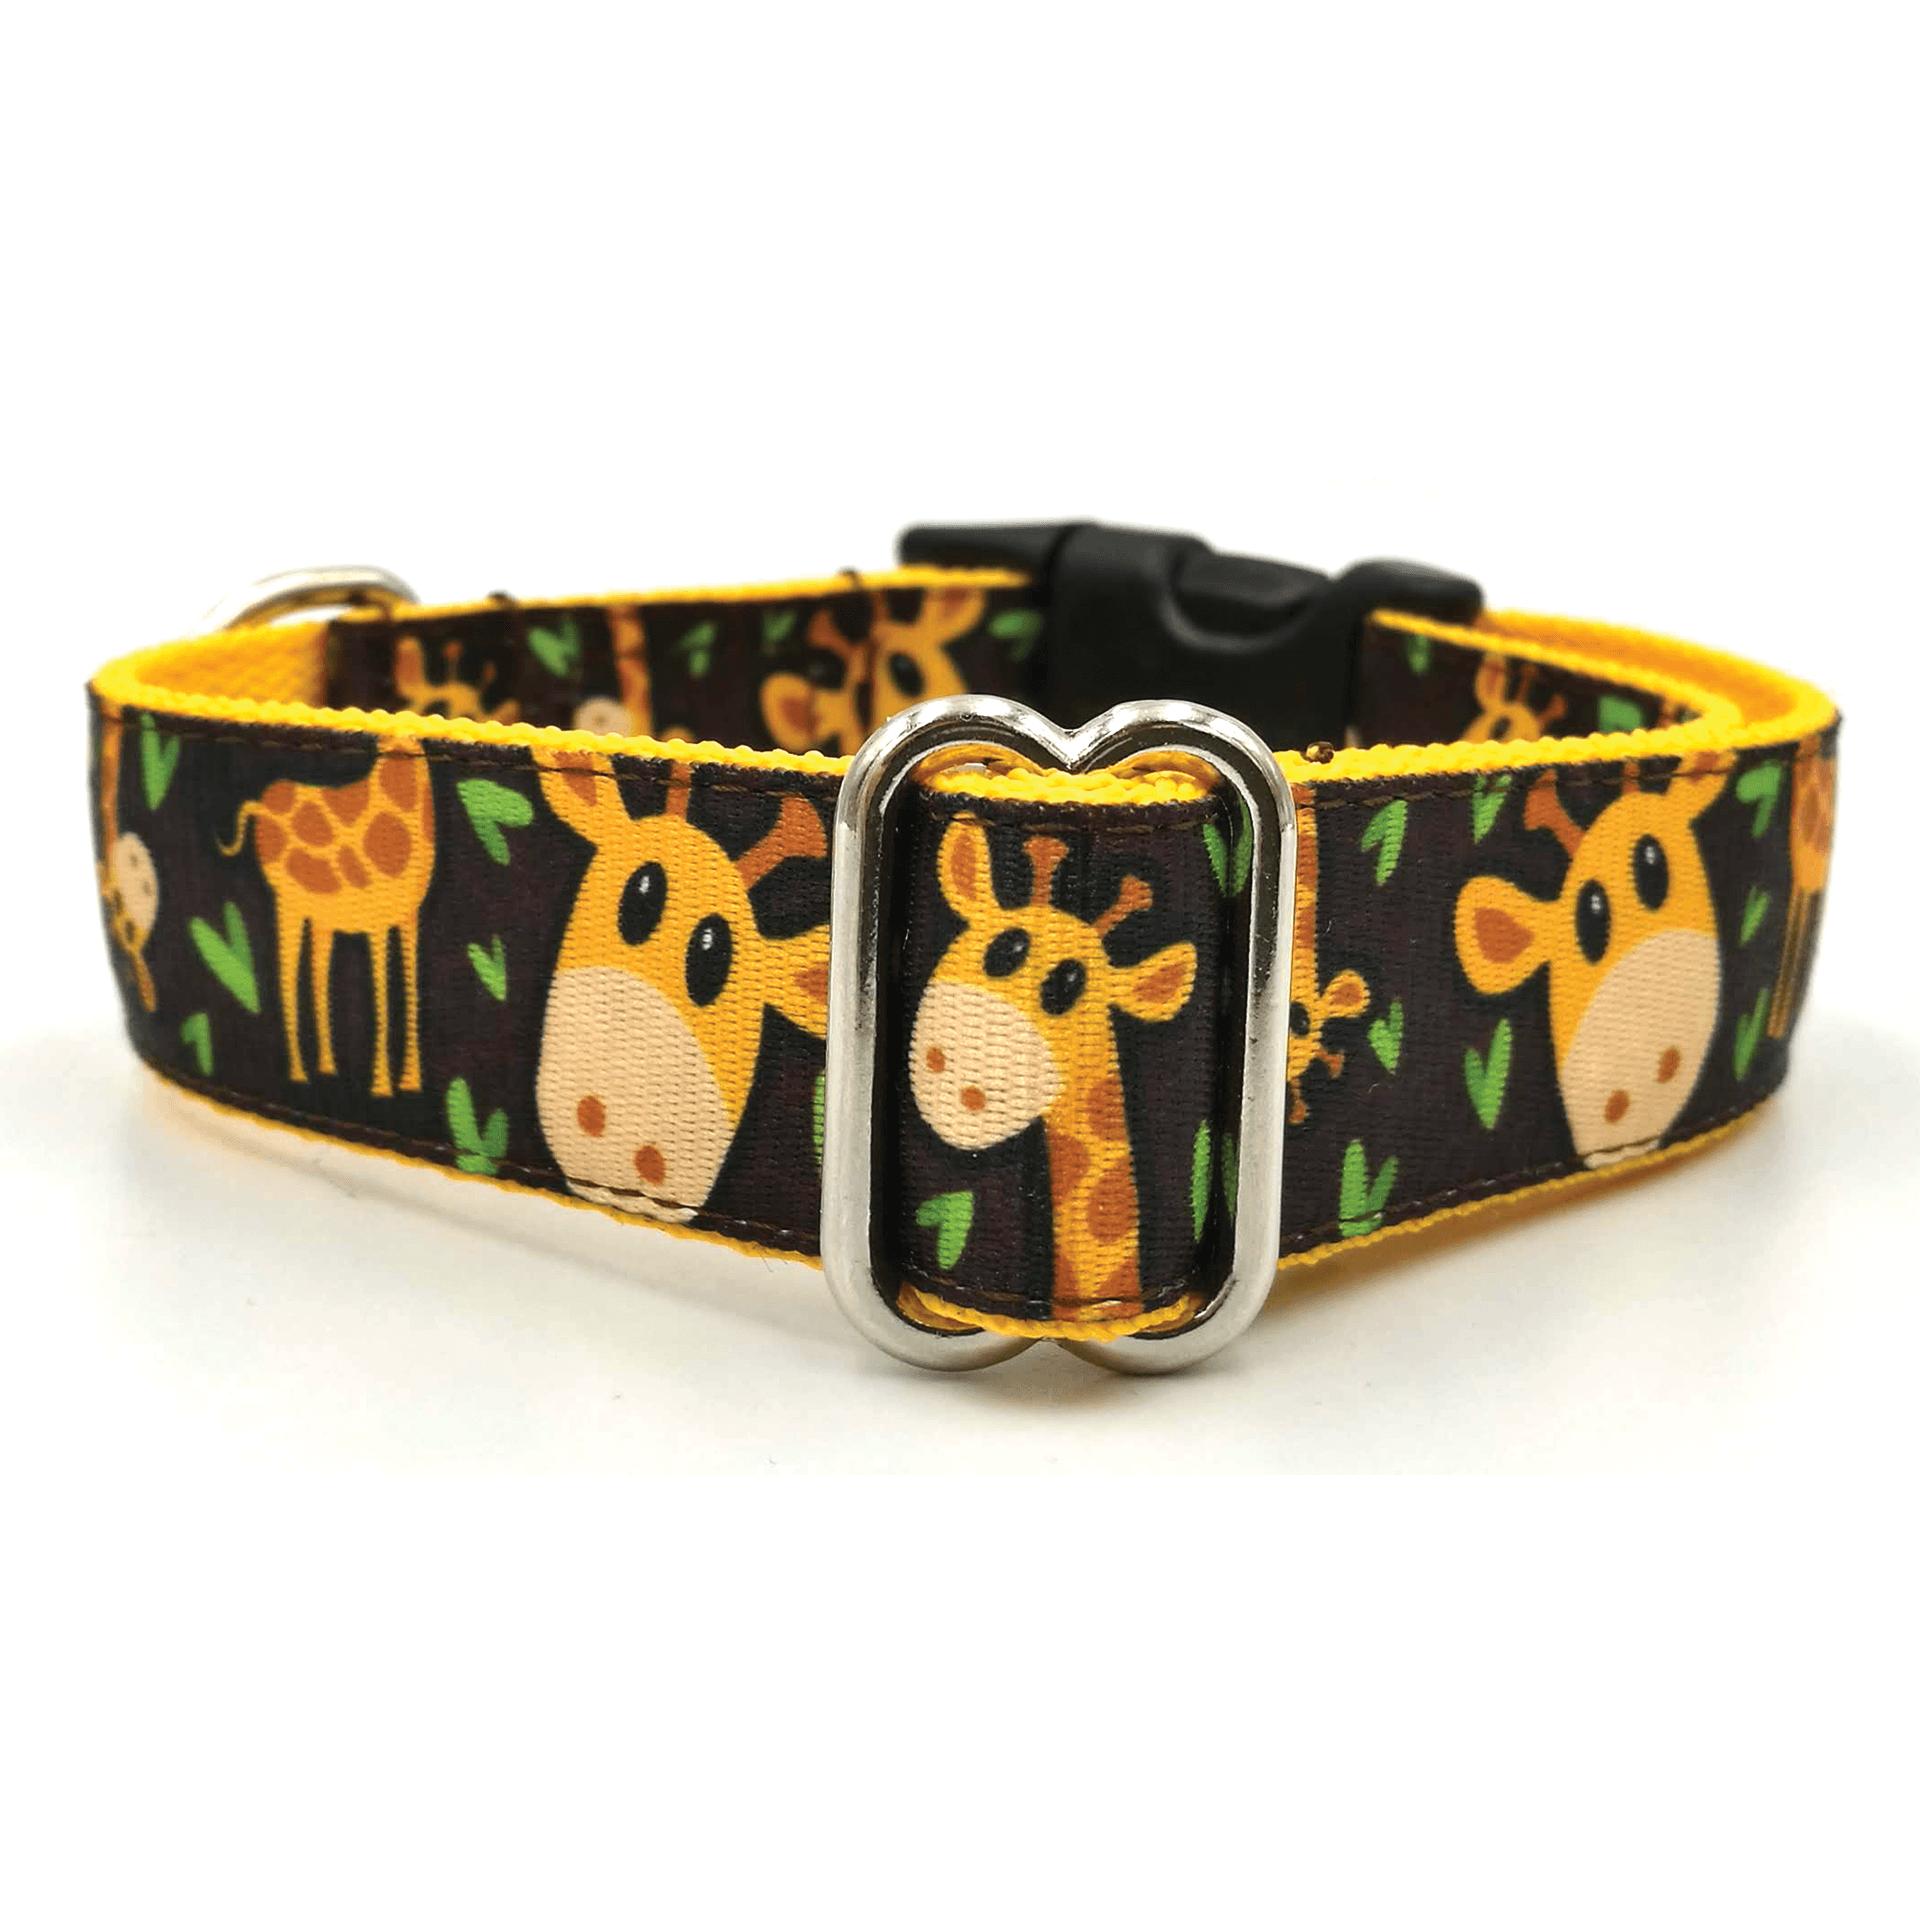 Giraffe dog collar